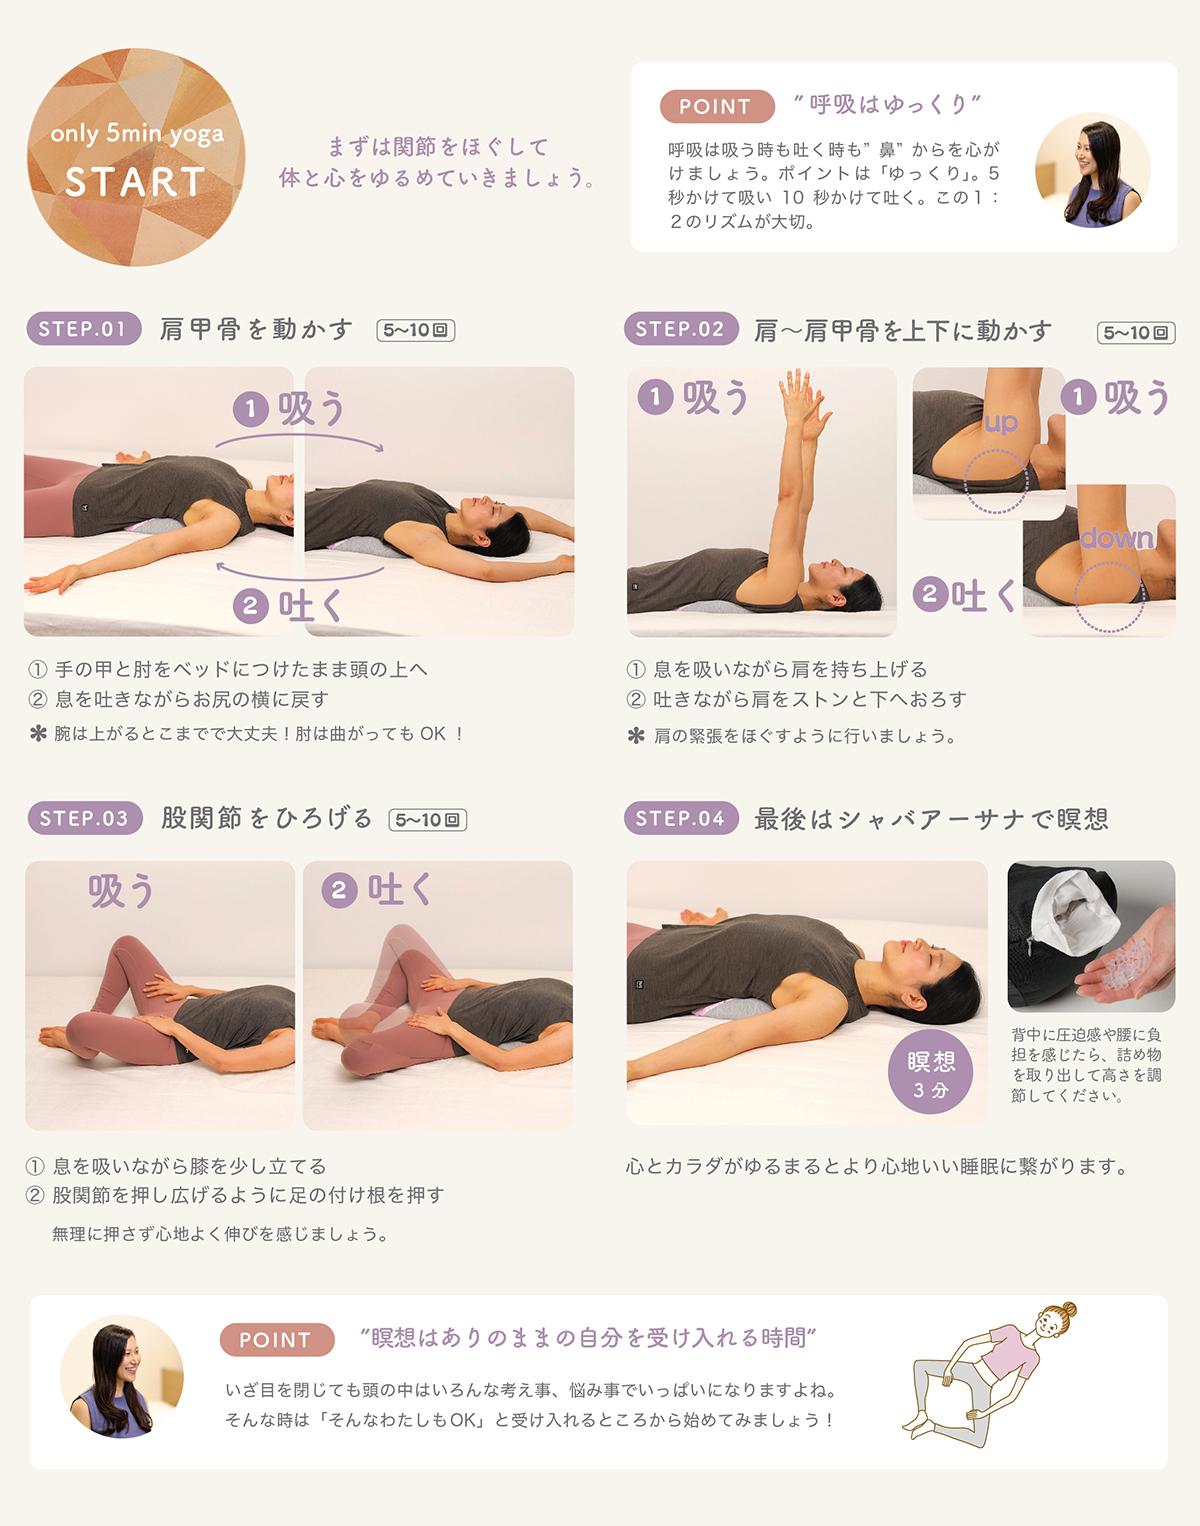 only 5min yoga YOGA fab